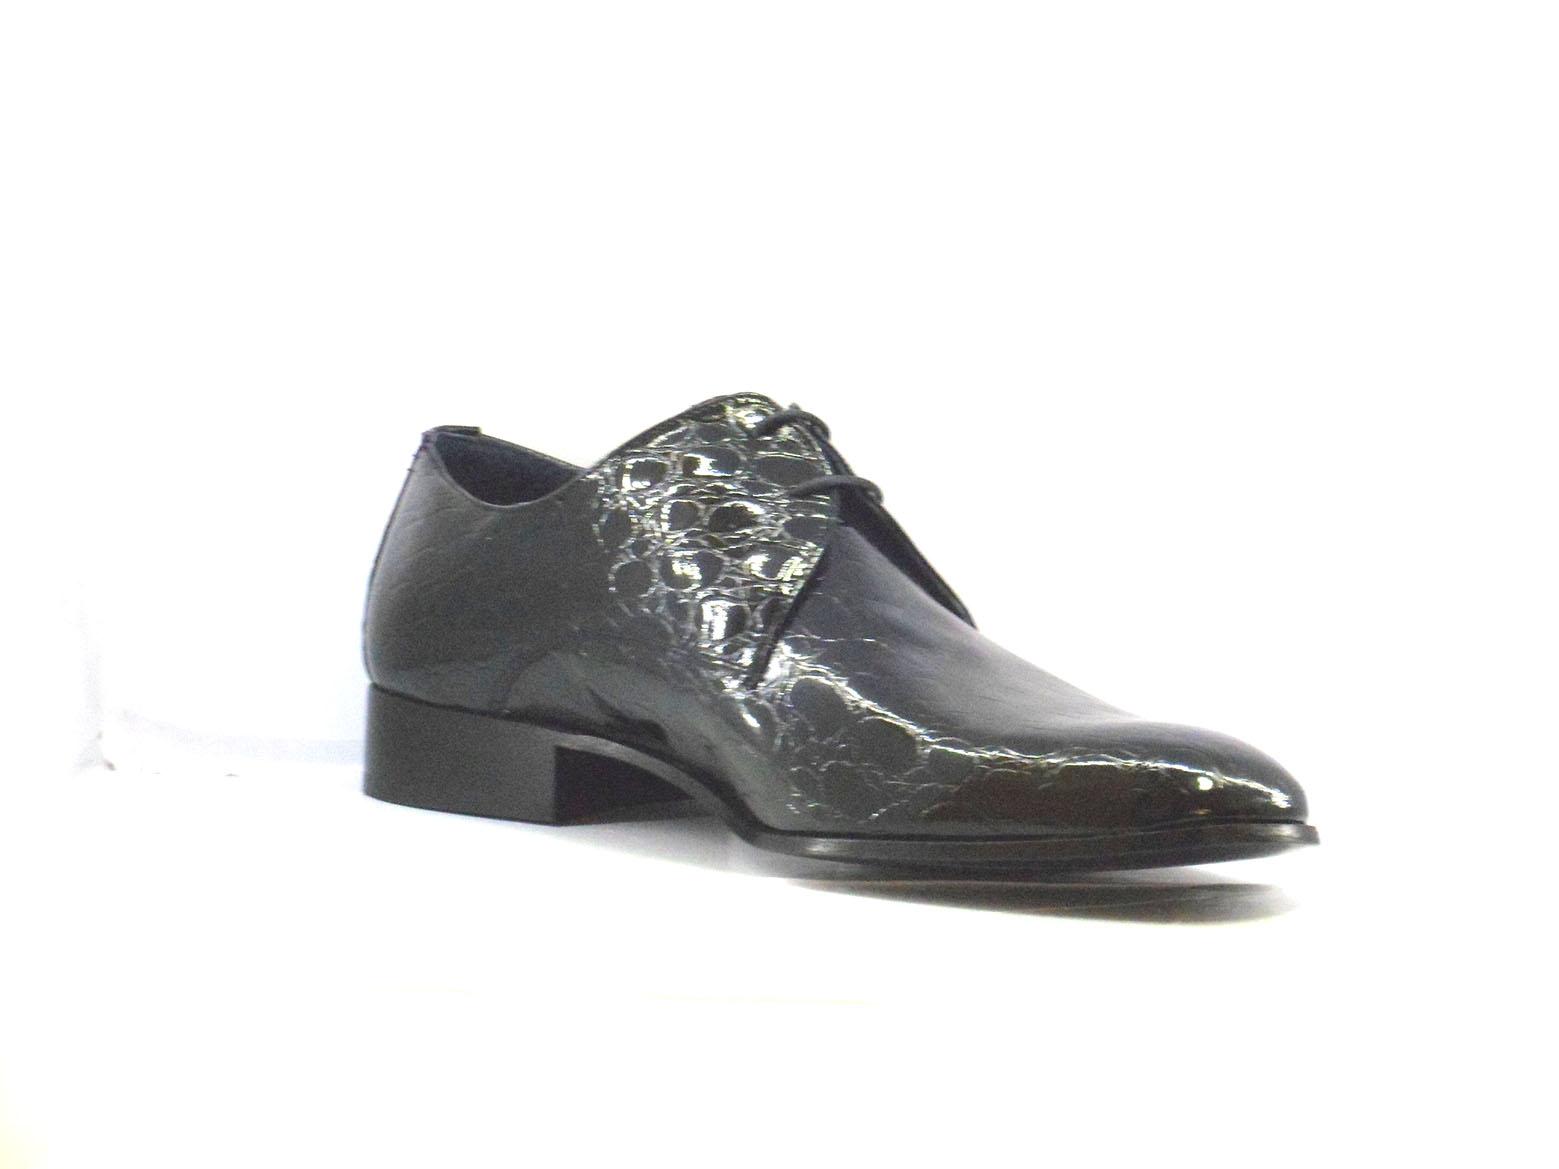 51b8217ad Zapatos Fiesta de Hombre Charol Negro, Piso Suela Cuero con Cordones